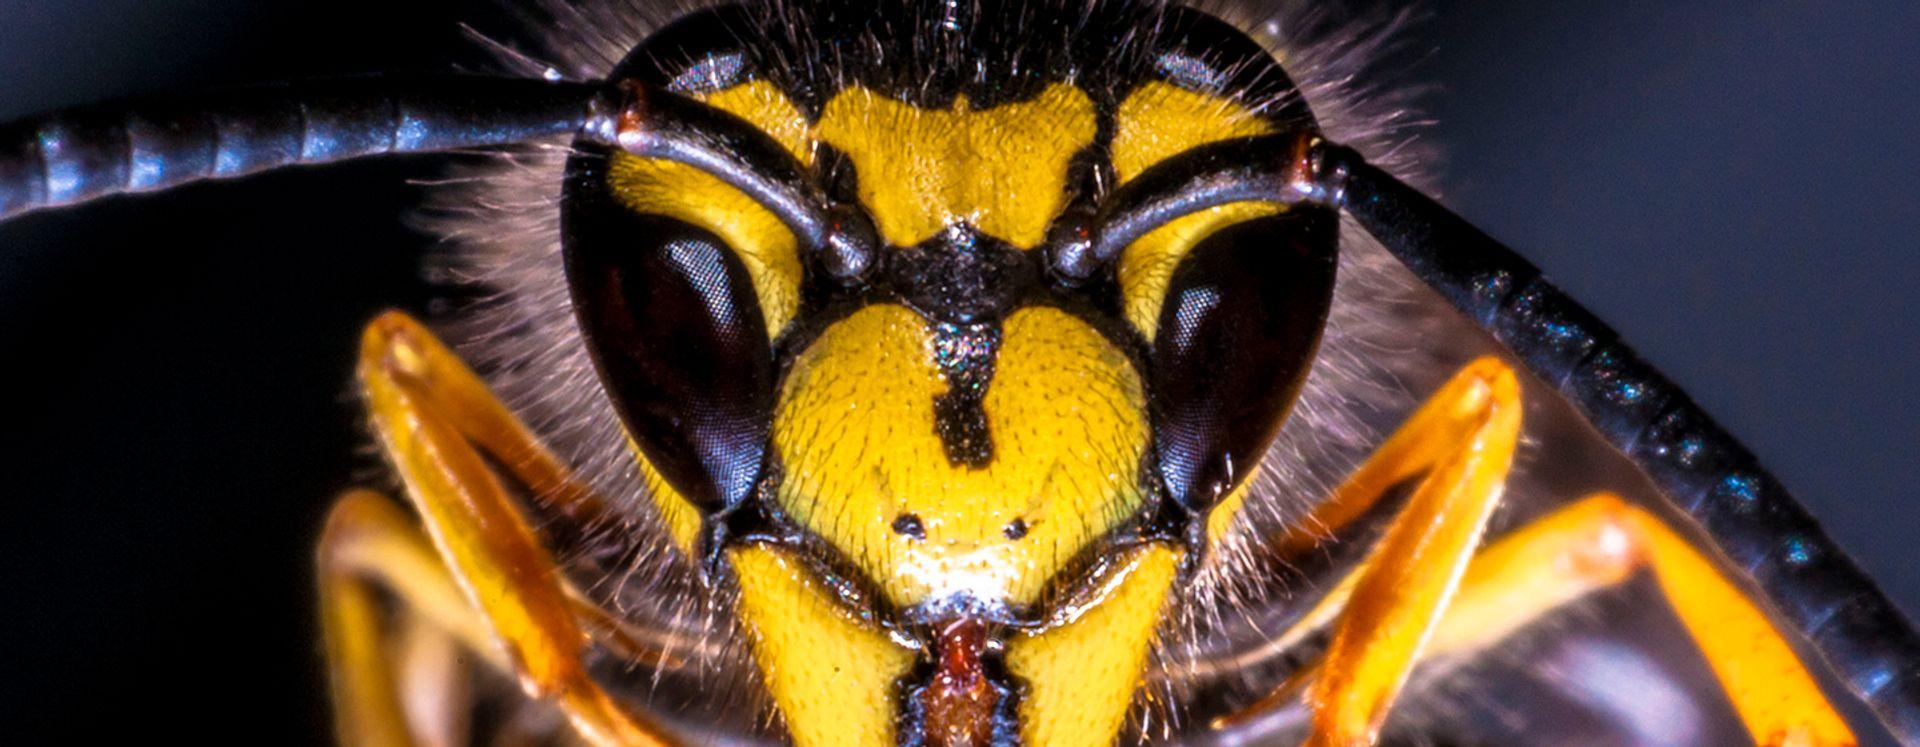 Problemer med hvepse? Kontakt Anticimex på 69151744